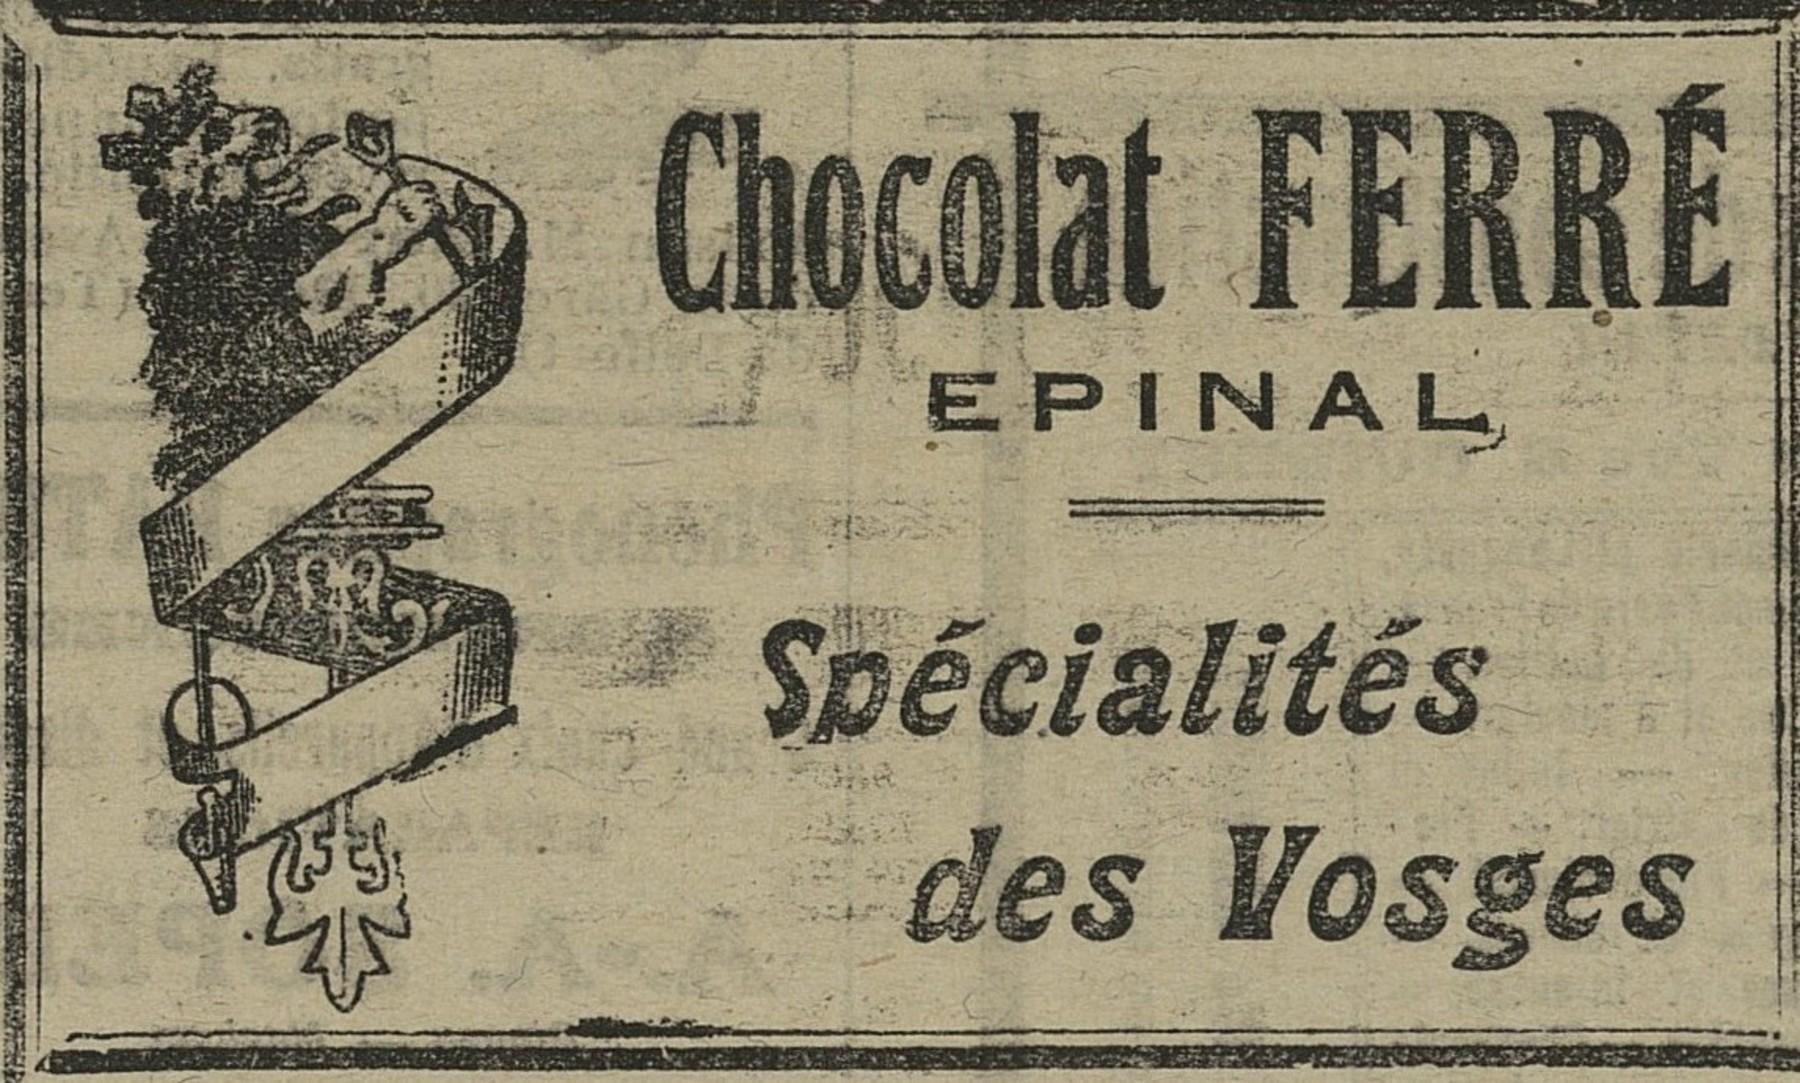 Contenu du Chocolat Ferré